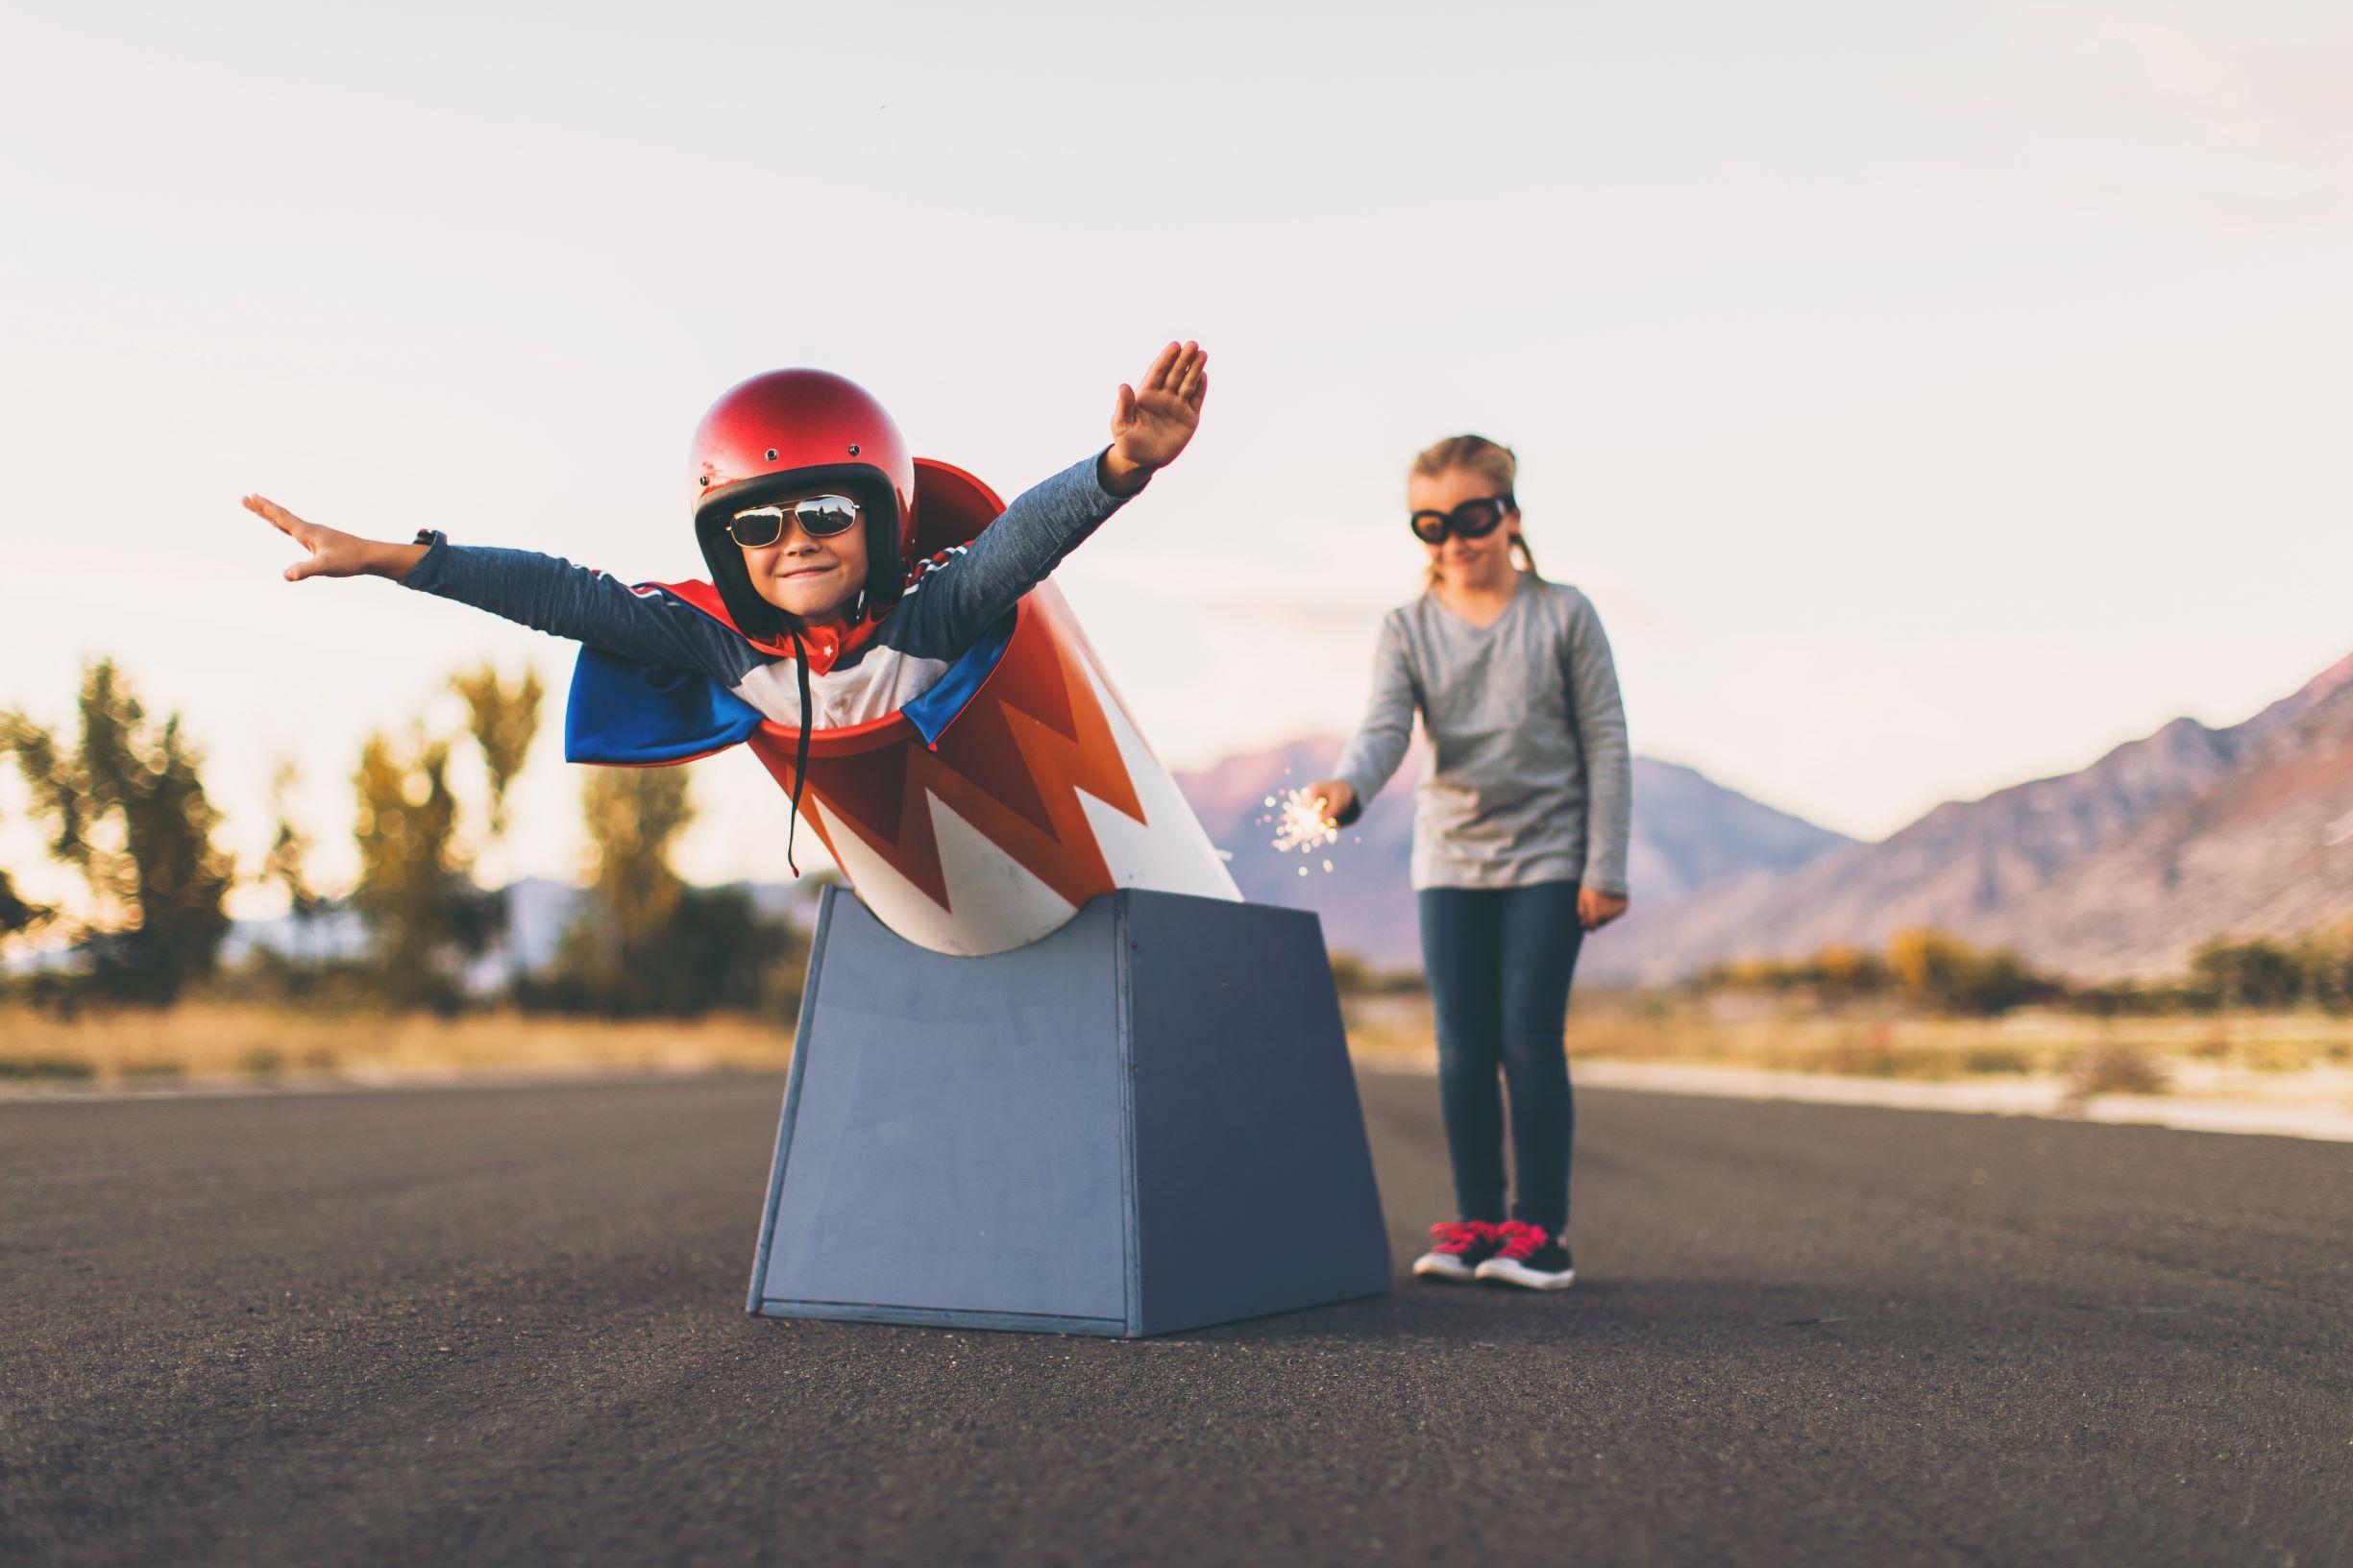 Fünf Fähigkeiten, mit denen unsere Kinder punkten werden